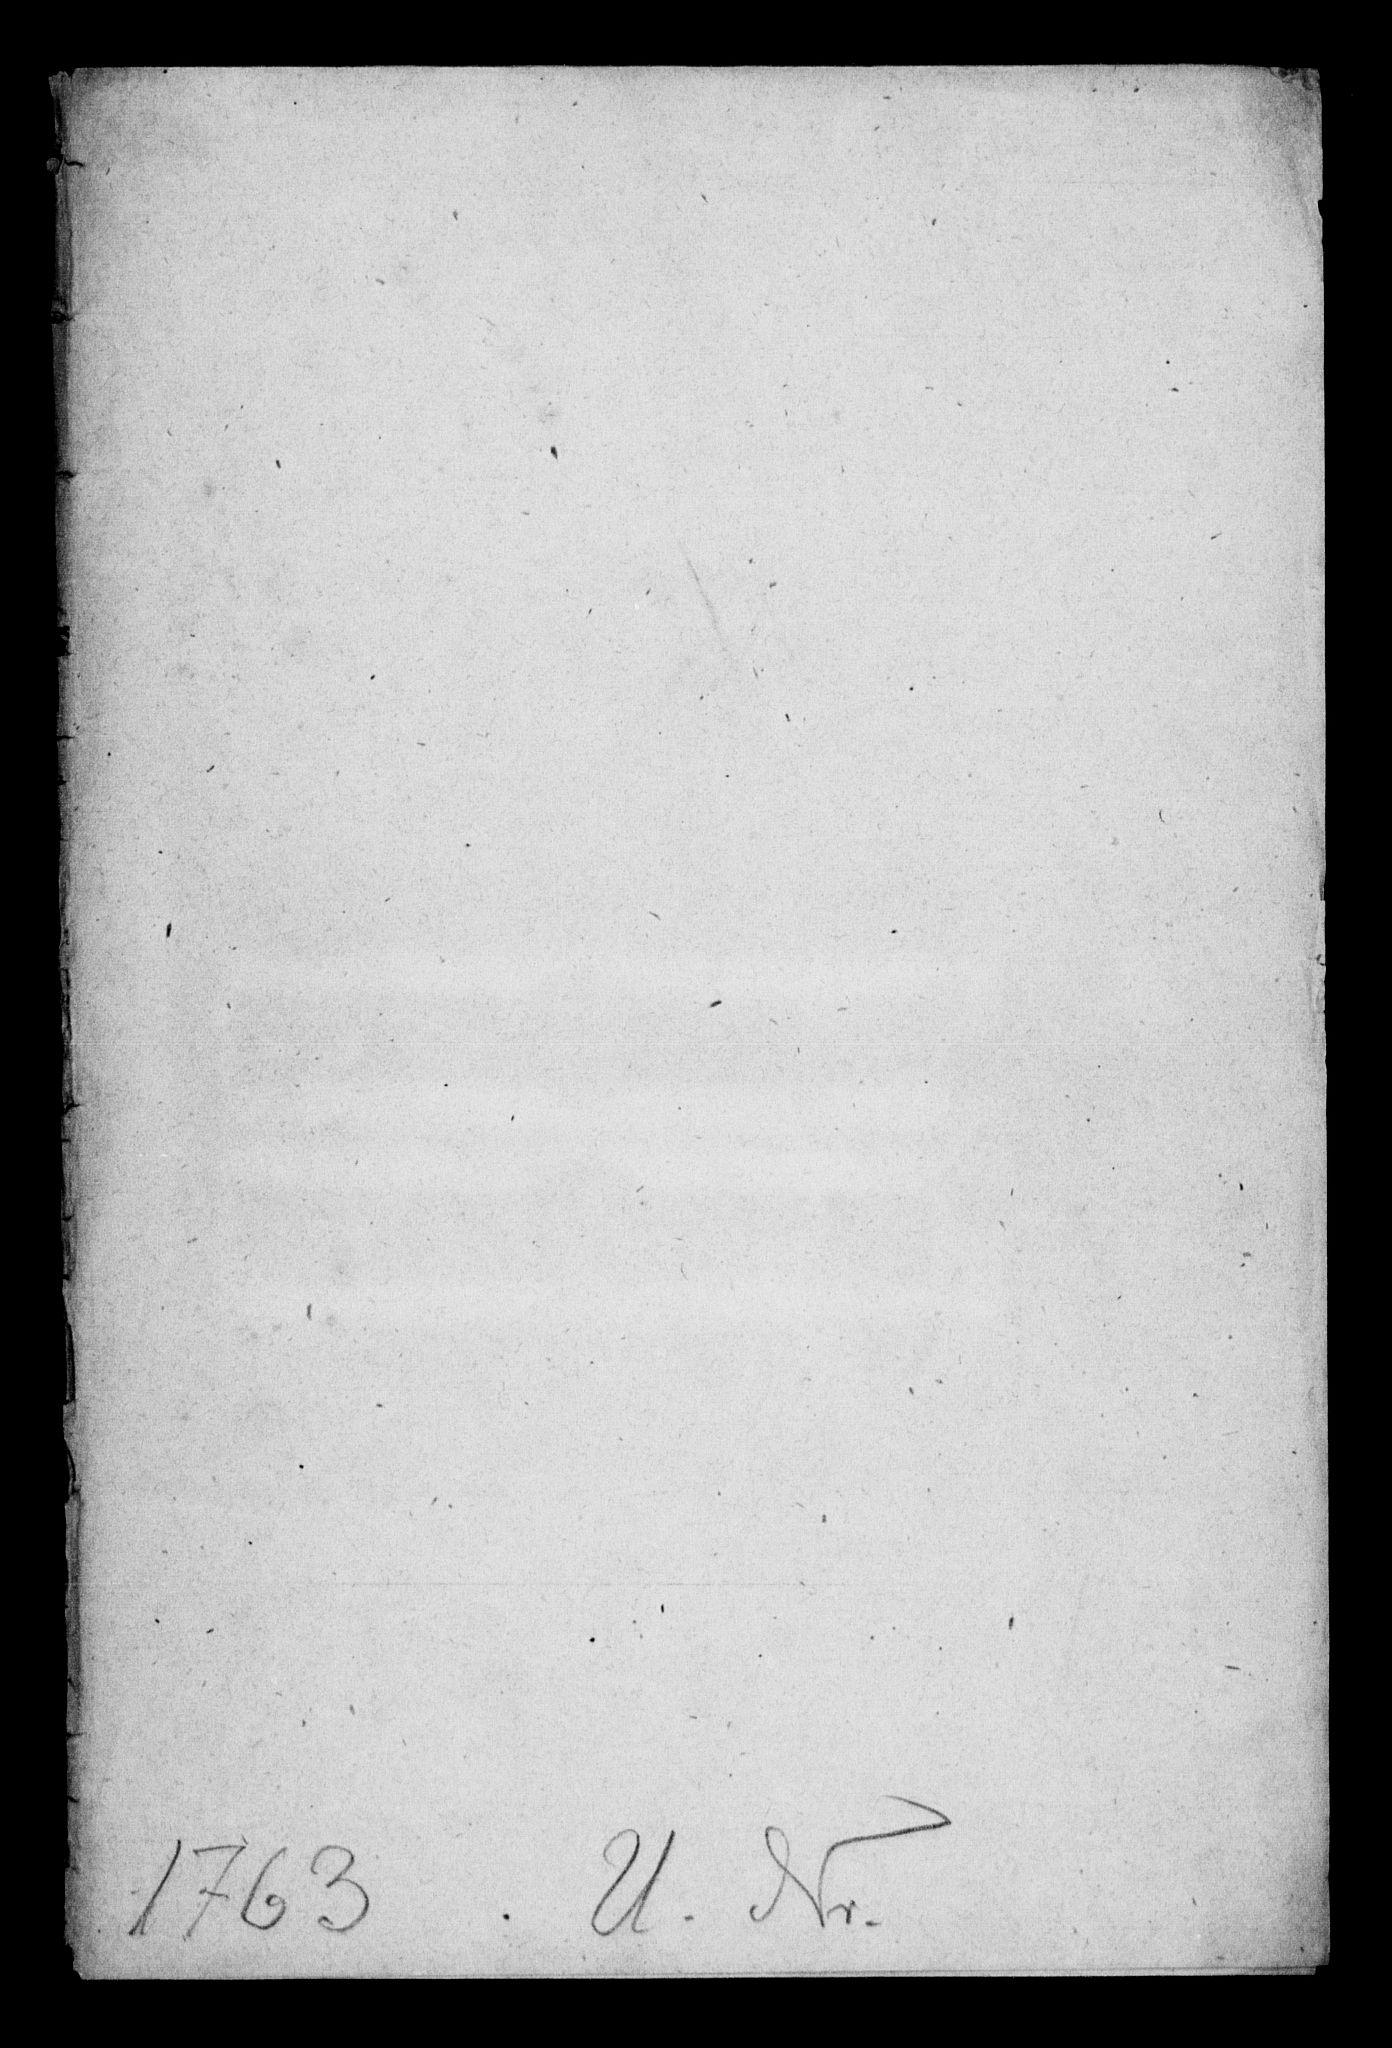 DRA, Generalkirkeinspektionskollegiet, F4-08/F4-08-10: Indkomne sager, 1763